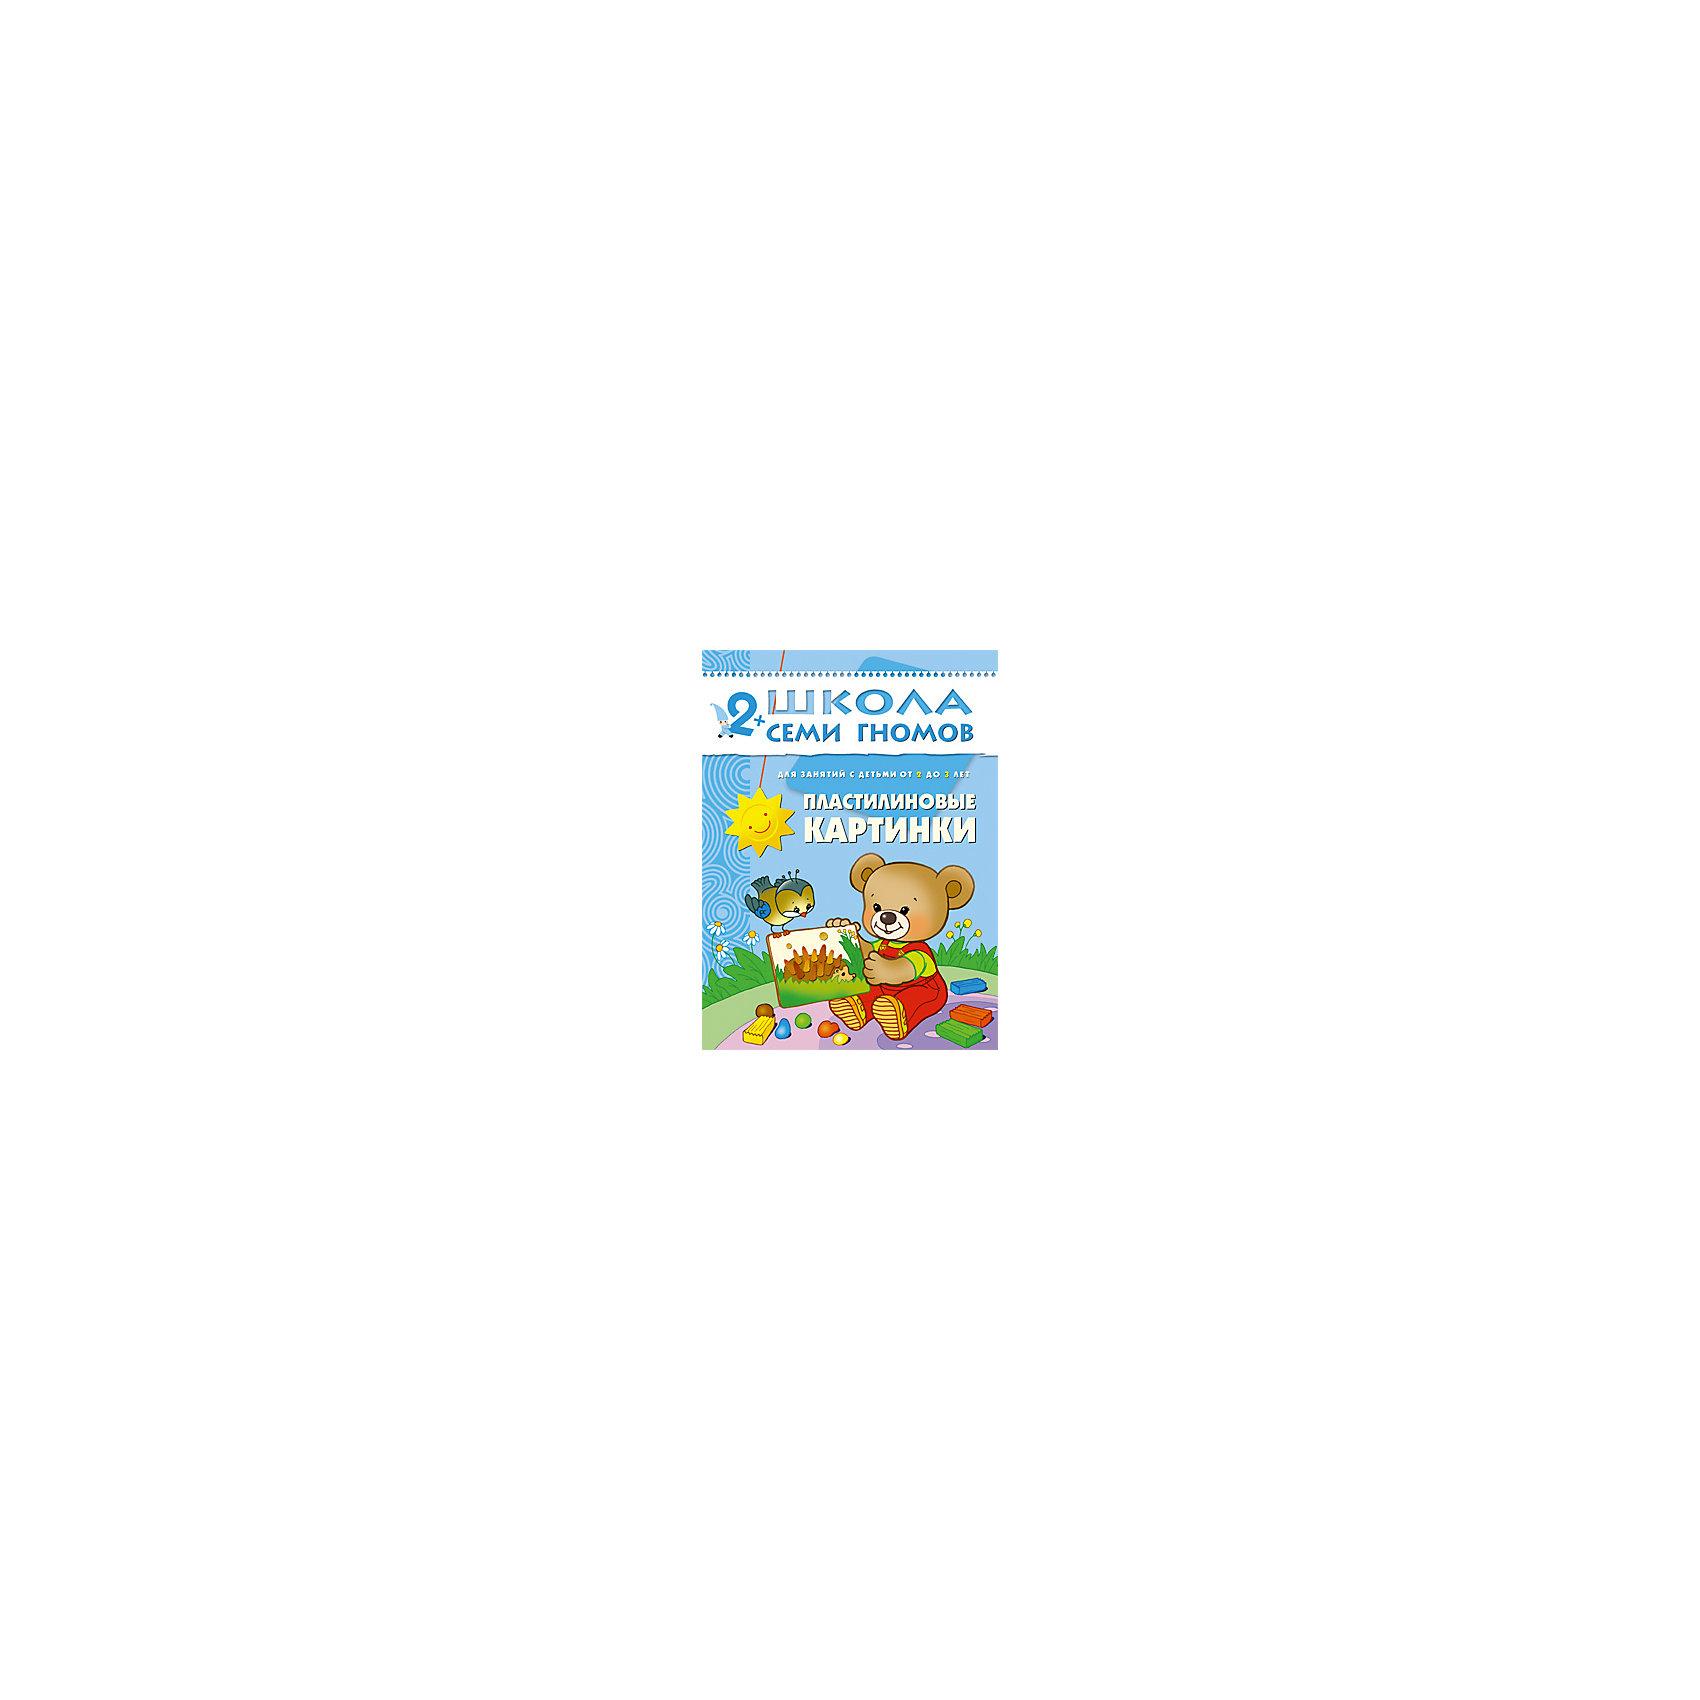 Третий год обучения Пластилиновые картинки, Школа Семи ГномовПластилиновые картинки<br>Книжки серии Школа семи гномов знают, любят и используют в развитии своих малышей многие родители.<br>Развивать ребенка нужно с самого рождения считают психологи и педагоги - авторы пособий издательства Мозаика-Синтез.<br>Третий блок развивающих книжек предназначен для малышей от 2 до 3 лет.<br>У книг этой серии голубые обложки.<br>Для малышей от  2 лет до 3 лет издательством выпущено 12 книжек.<br>В каждой - разнообразные задания на какую-то одну тему, великолепная вкладка-дидактический материал внутри, подробные рекомендации по работе с пособием для родителей.<br>Все книги очень качественные, яркие. Обложка глянцевая, книгу приятно взять в руки и предложить ребенку.<br>Книжка Пластилиновые картинки из серии Школы семи гномов, третий год обучения, эта система из 8 занятий, цель которых - развитие мелкой моторики малыша с помощью пластилина, что способствует развитию речи, памяти и мышления.<br>В этом сборнике каждый разворот слева содержит примерный текст занятия, стихотворение и картинку для демонстрации малышу, а справа - основу для творчества.<br>Каждое занятие проводится в игровой форме и учит ребенка работать с пластилином.<br>Занятия представлены по возрастанию сложности заданий, начав с салюта, малыш сотворит солнышко, ежика, полянку с ягодками, божью коровку, рыбок, нарядит елку.<br>На последнем занятии предлагается самостоятельная работа с использованием приложения-вкладки и собственной фантазии.<br><br>Ширина мм: 2<br>Глубина мм: 215<br>Высота мм: 290<br>Вес г: 130<br>Возраст от месяцев: 24<br>Возраст до месяцев: 36<br>Пол: Унисекс<br>Возраст: Детский<br>SKU: 5362788